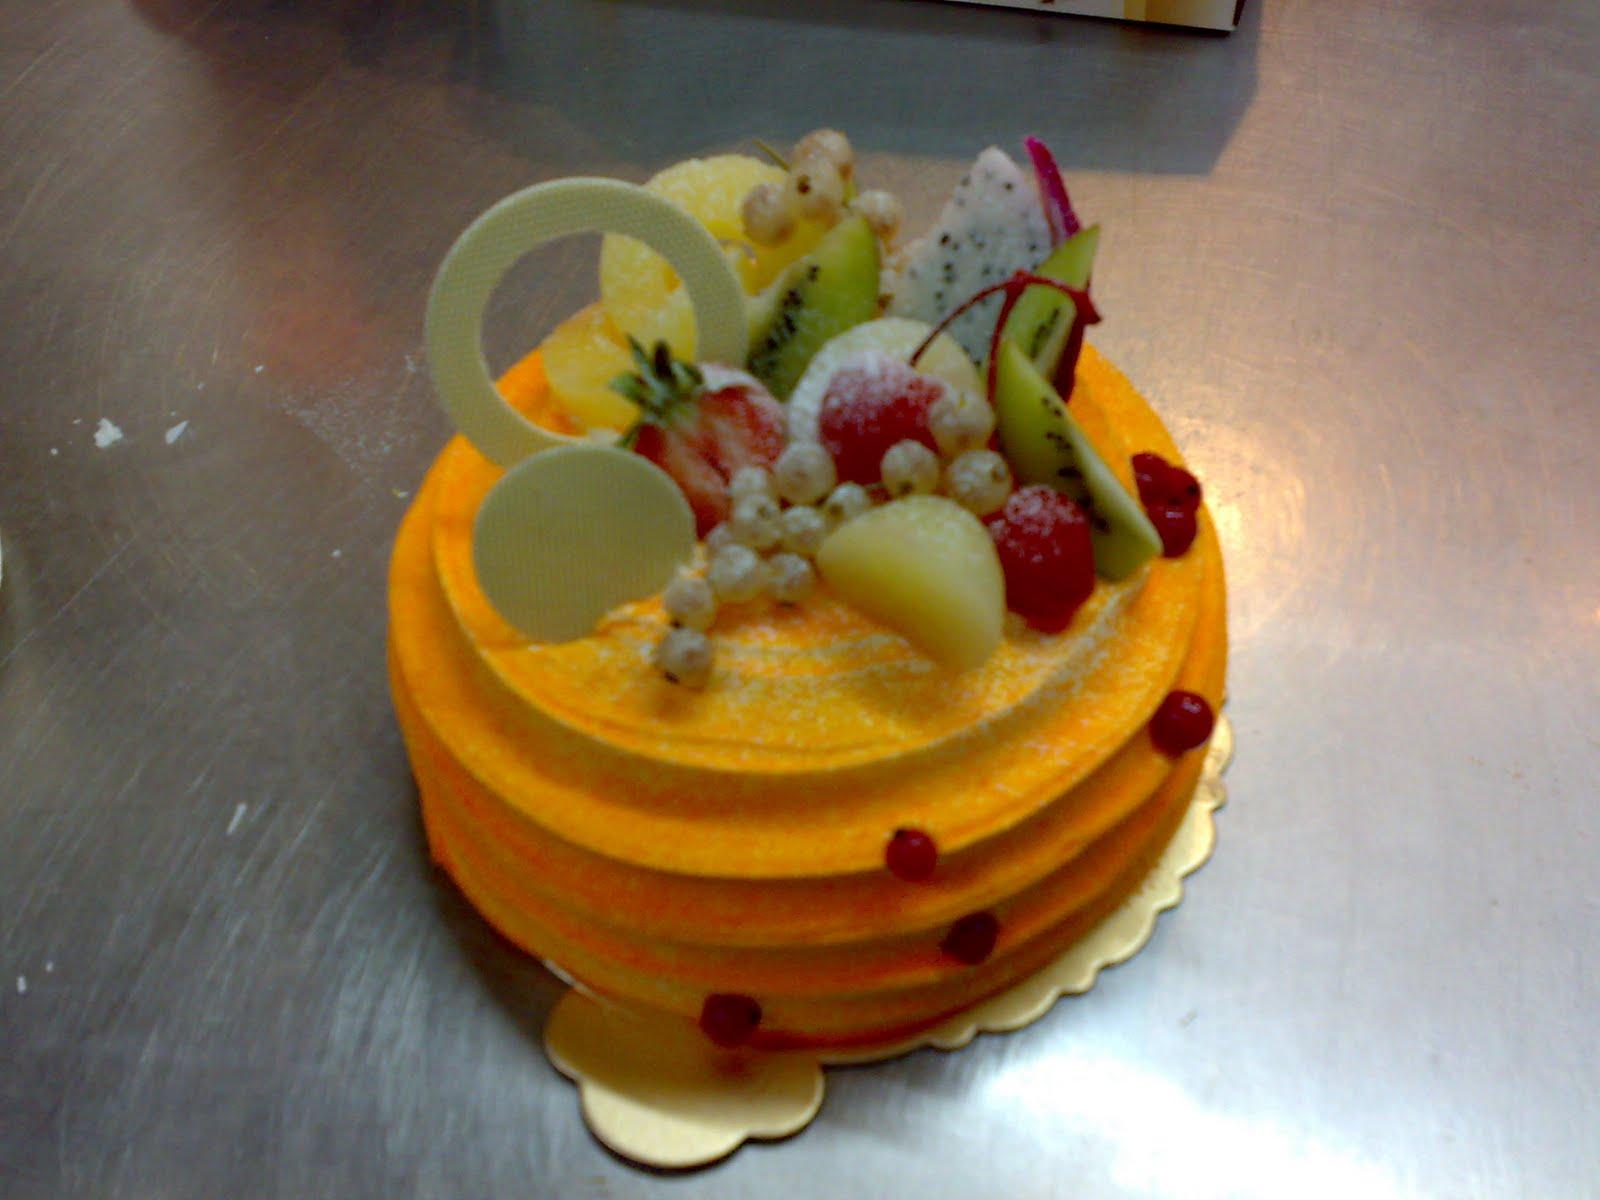 Cake Decoration Fresh Cream : Mummy s Cake: Birthday Cake